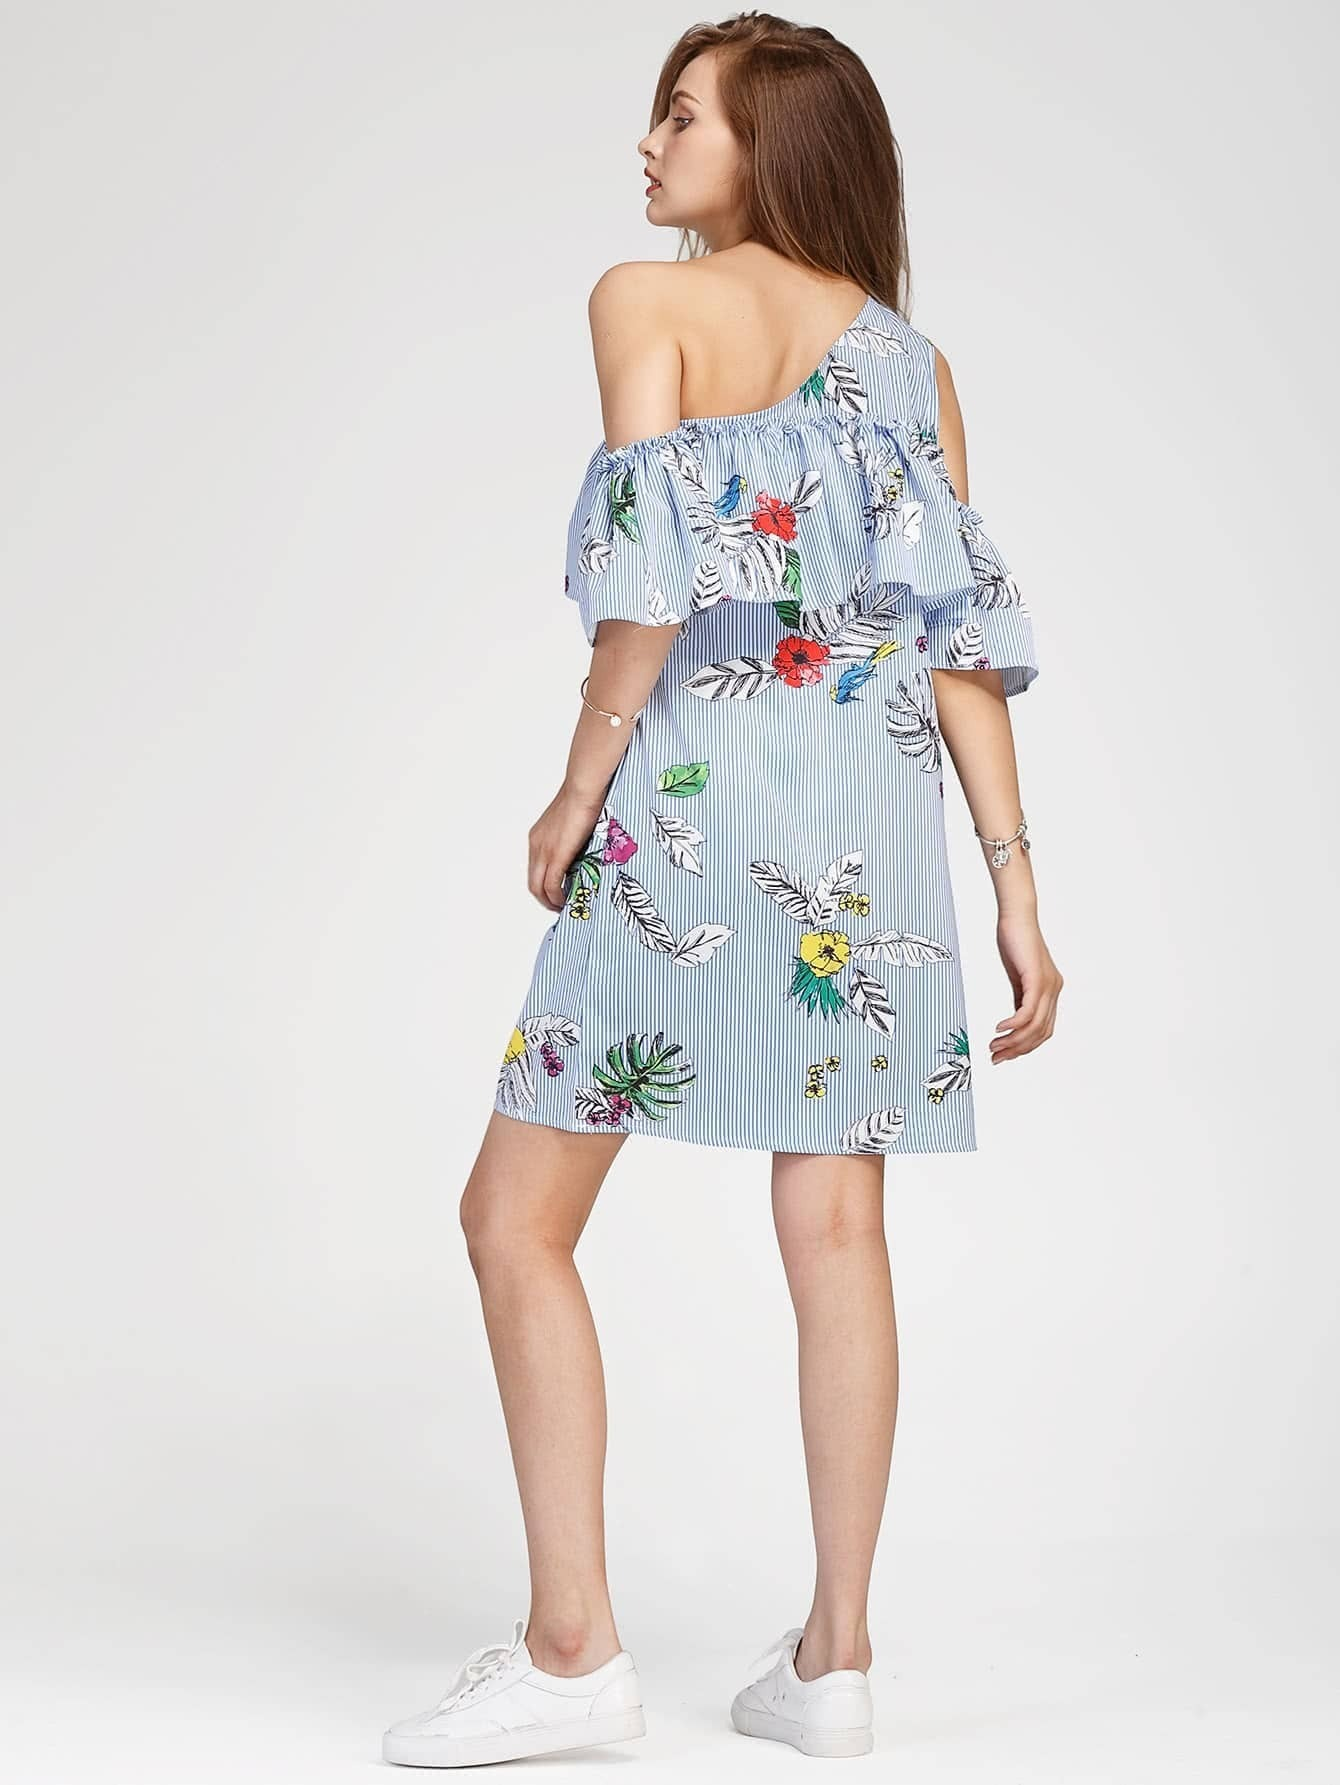 dress170518106_2